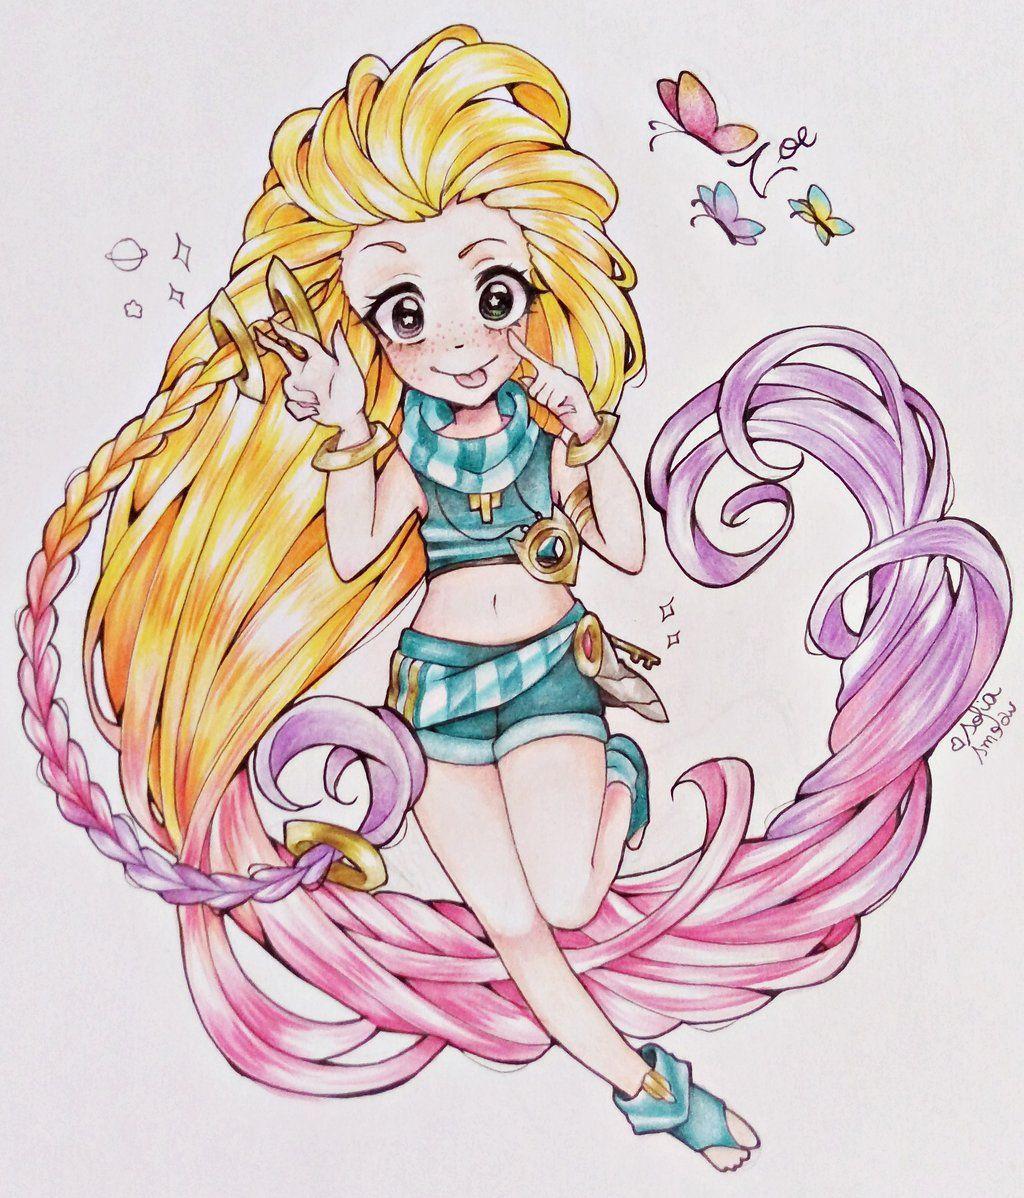 Fanart) Zoe - League of legends by ...